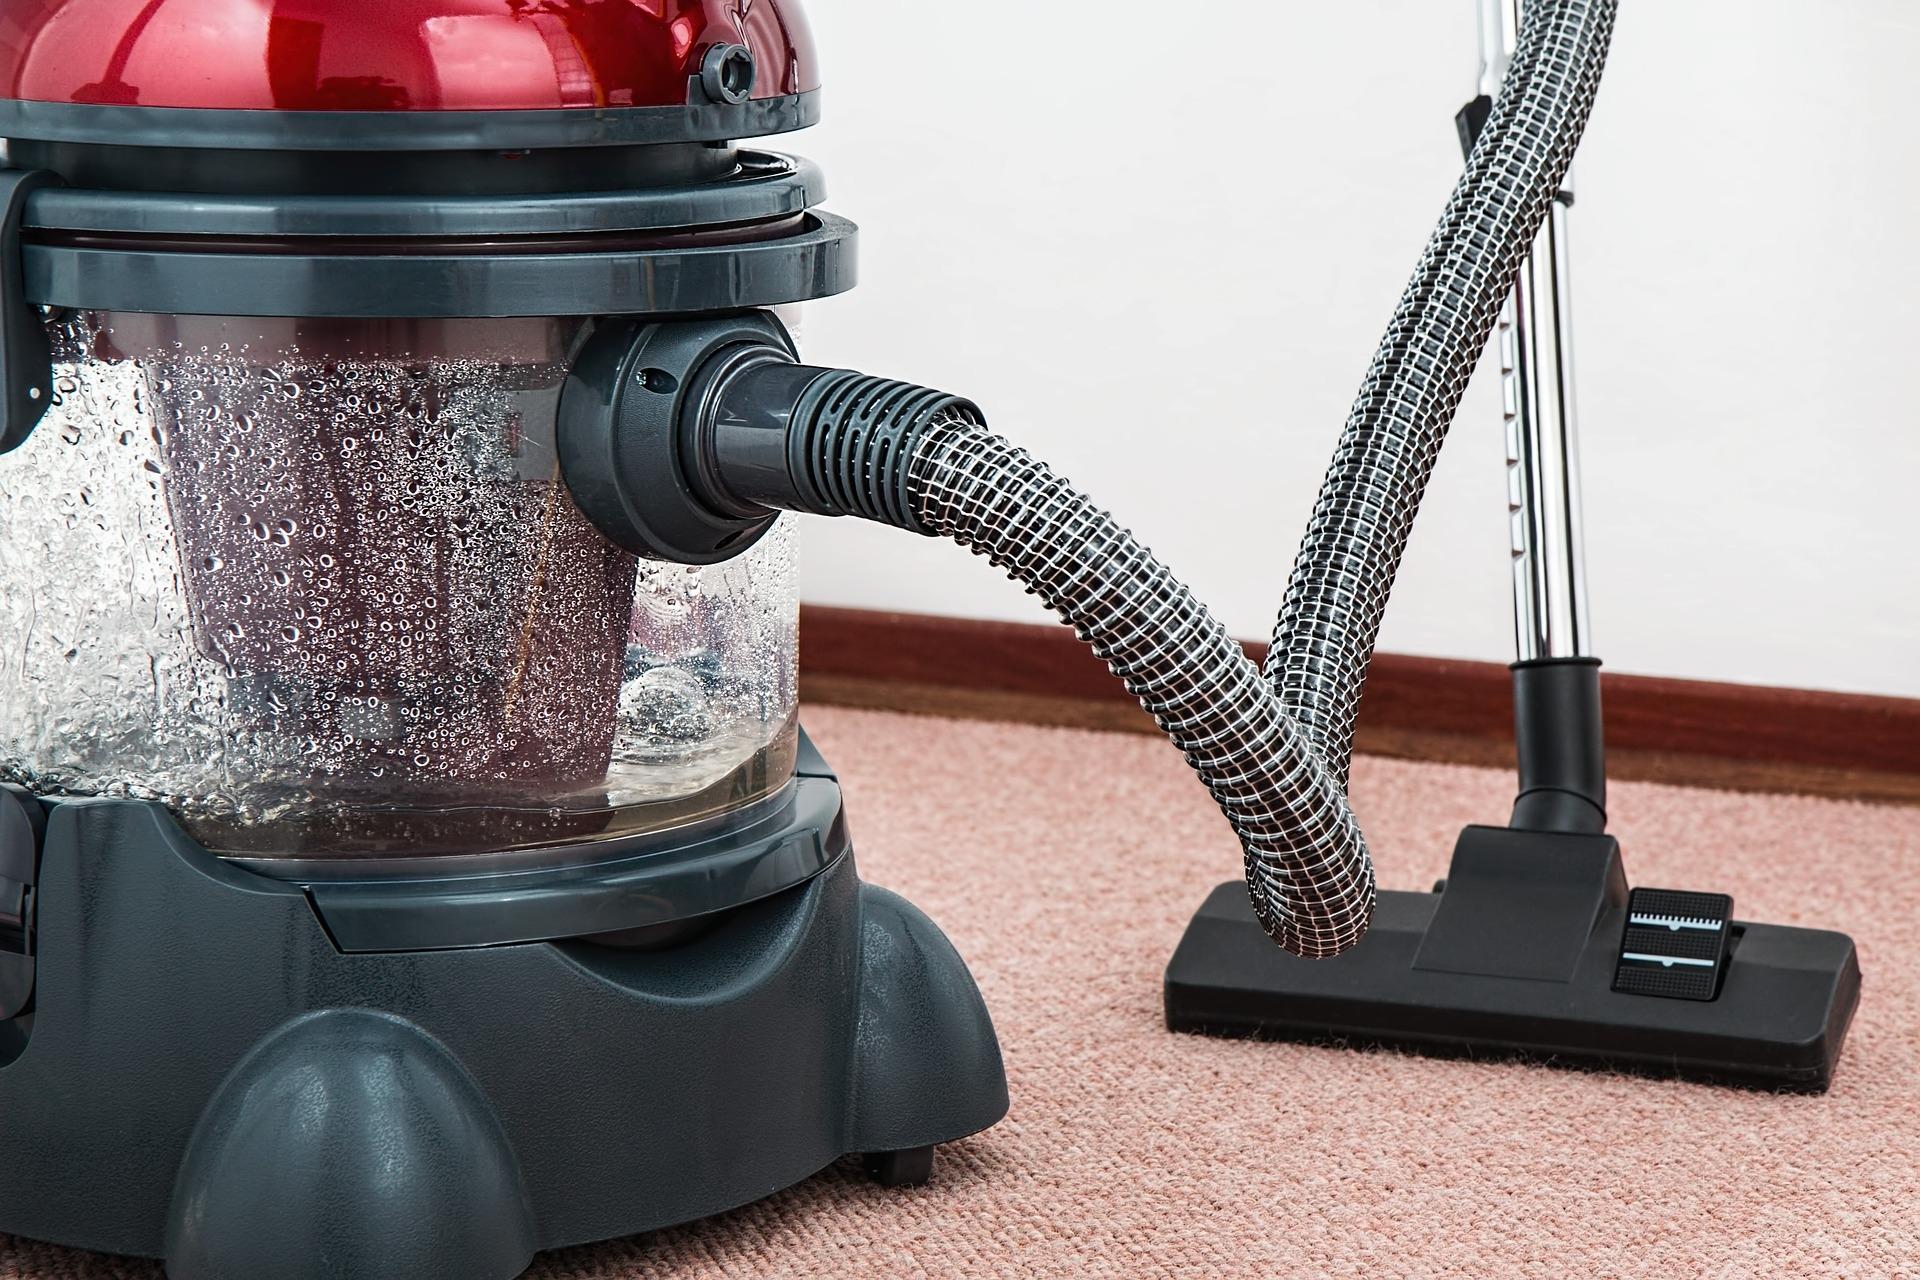 vacuum-cleaner-657719_1920.jpg